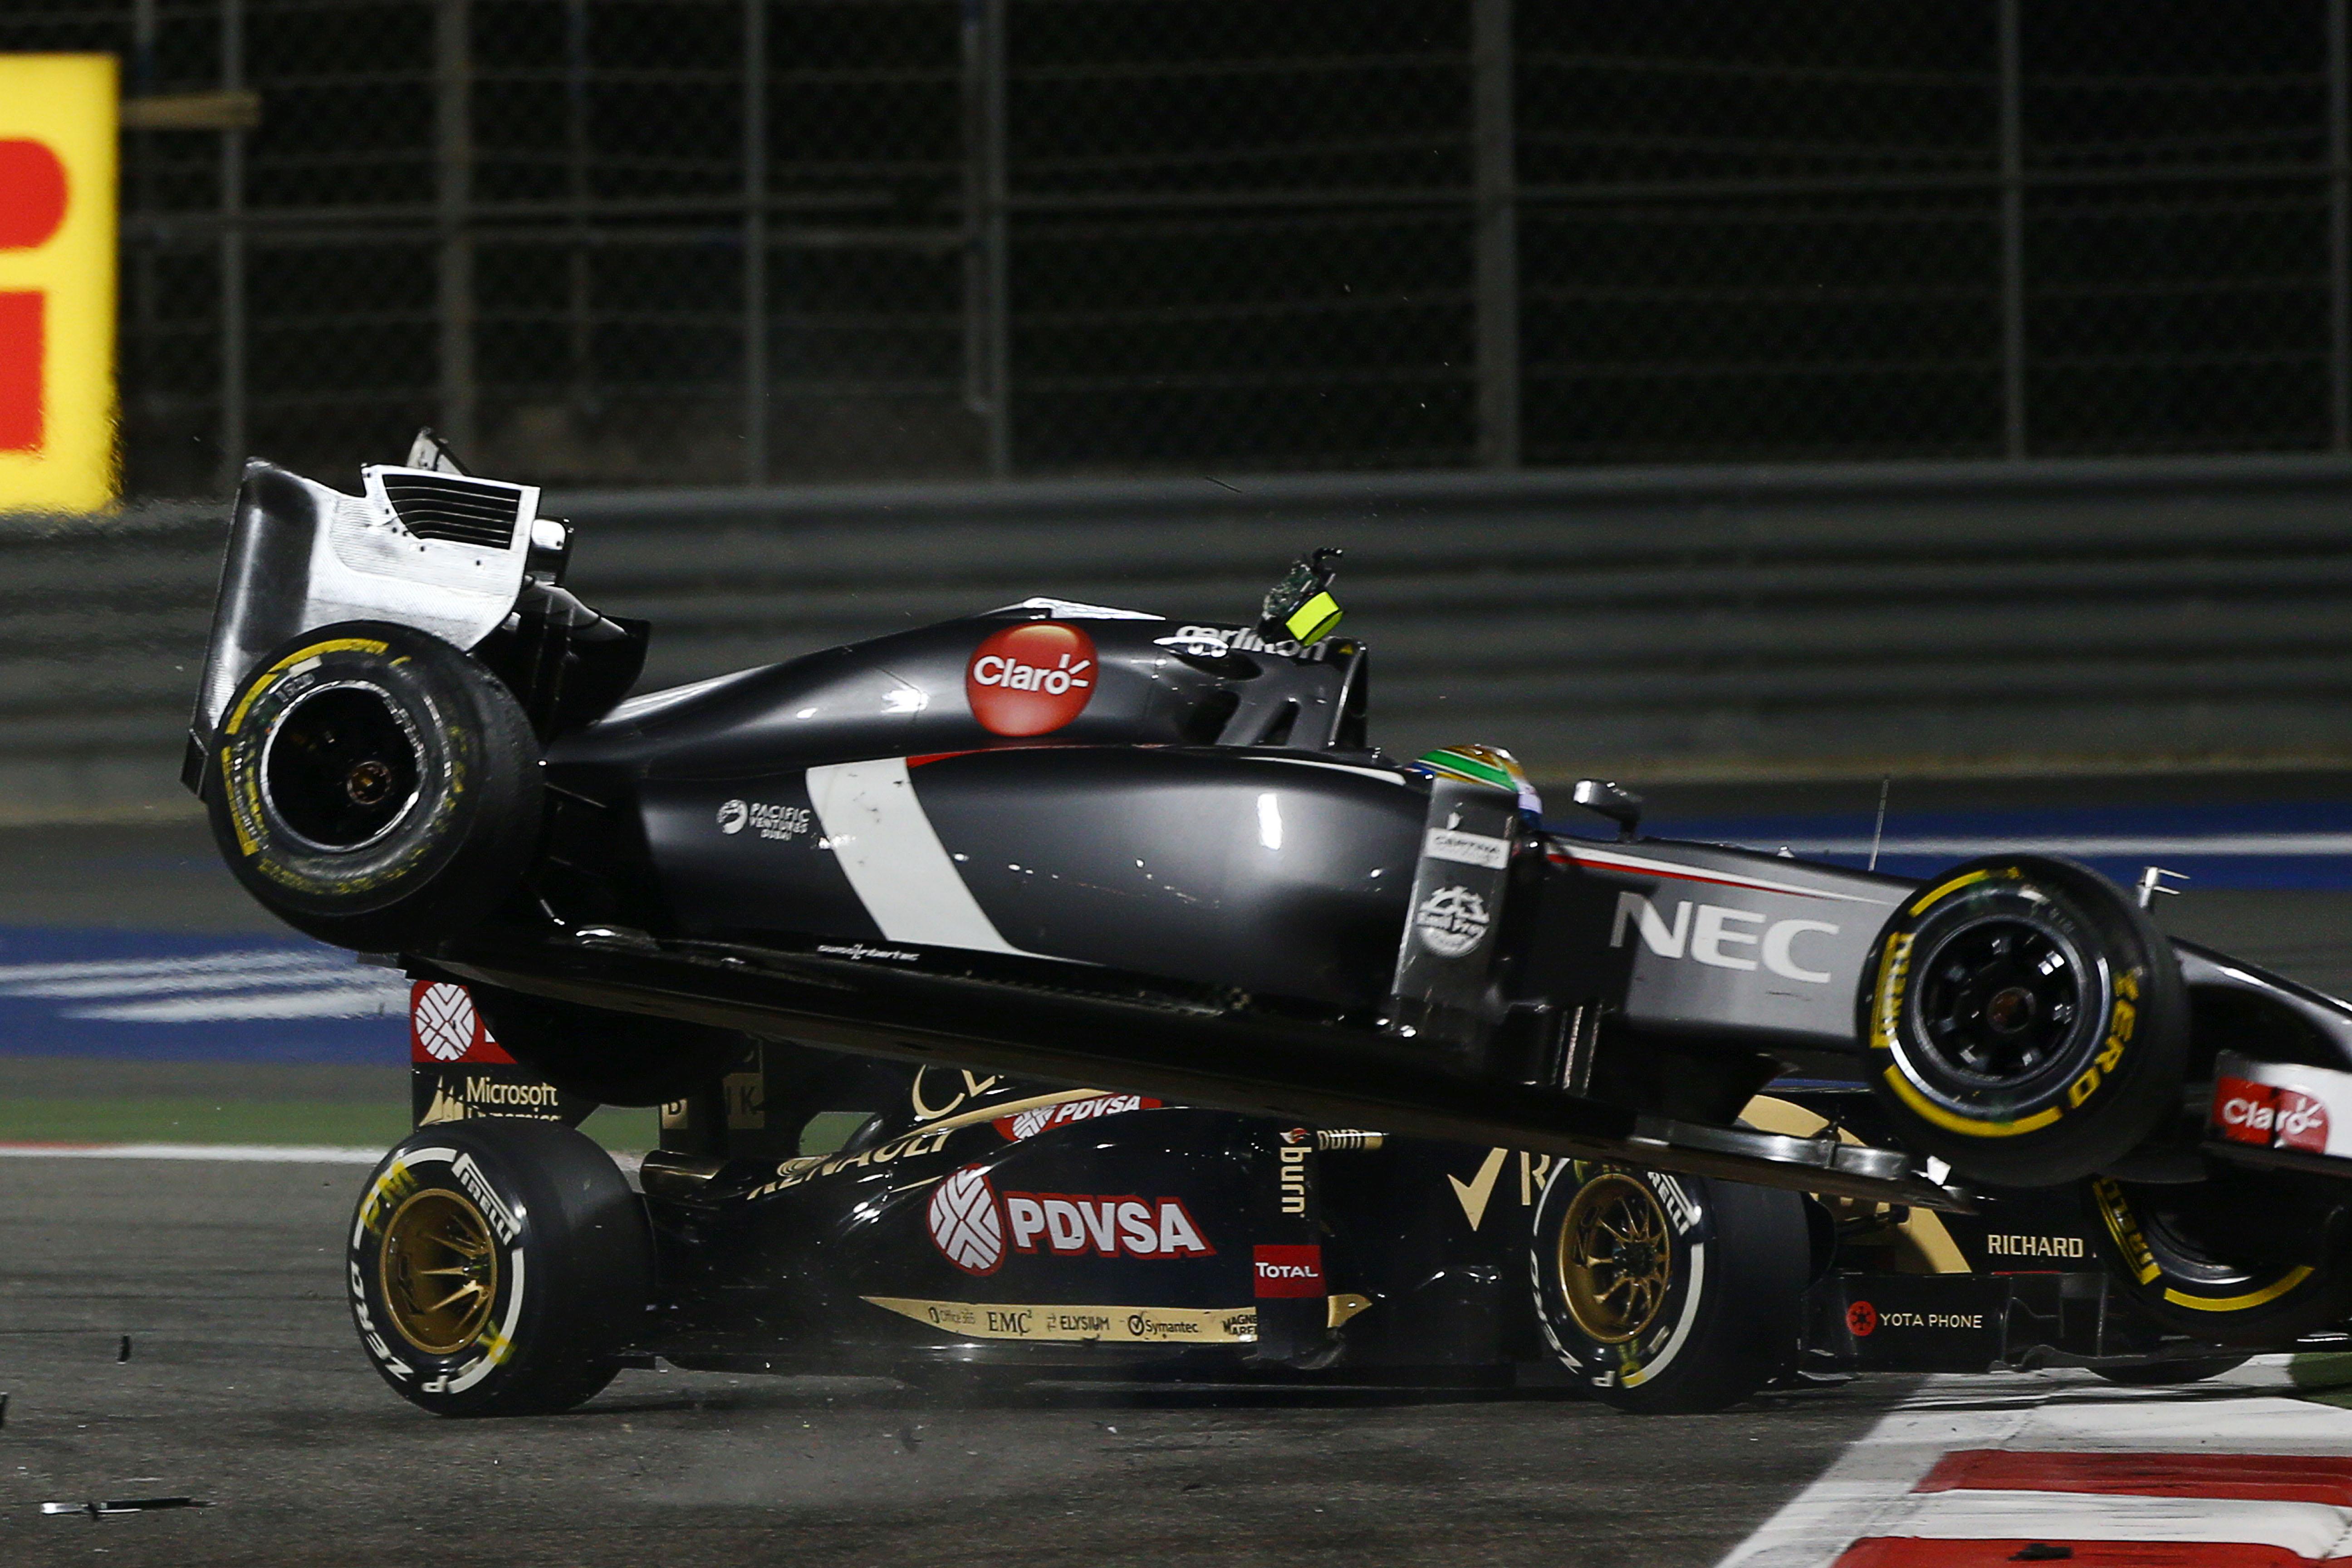 Pastor Maldonado Esteban Gutierrez collision Bahrain Grand Prix 2014